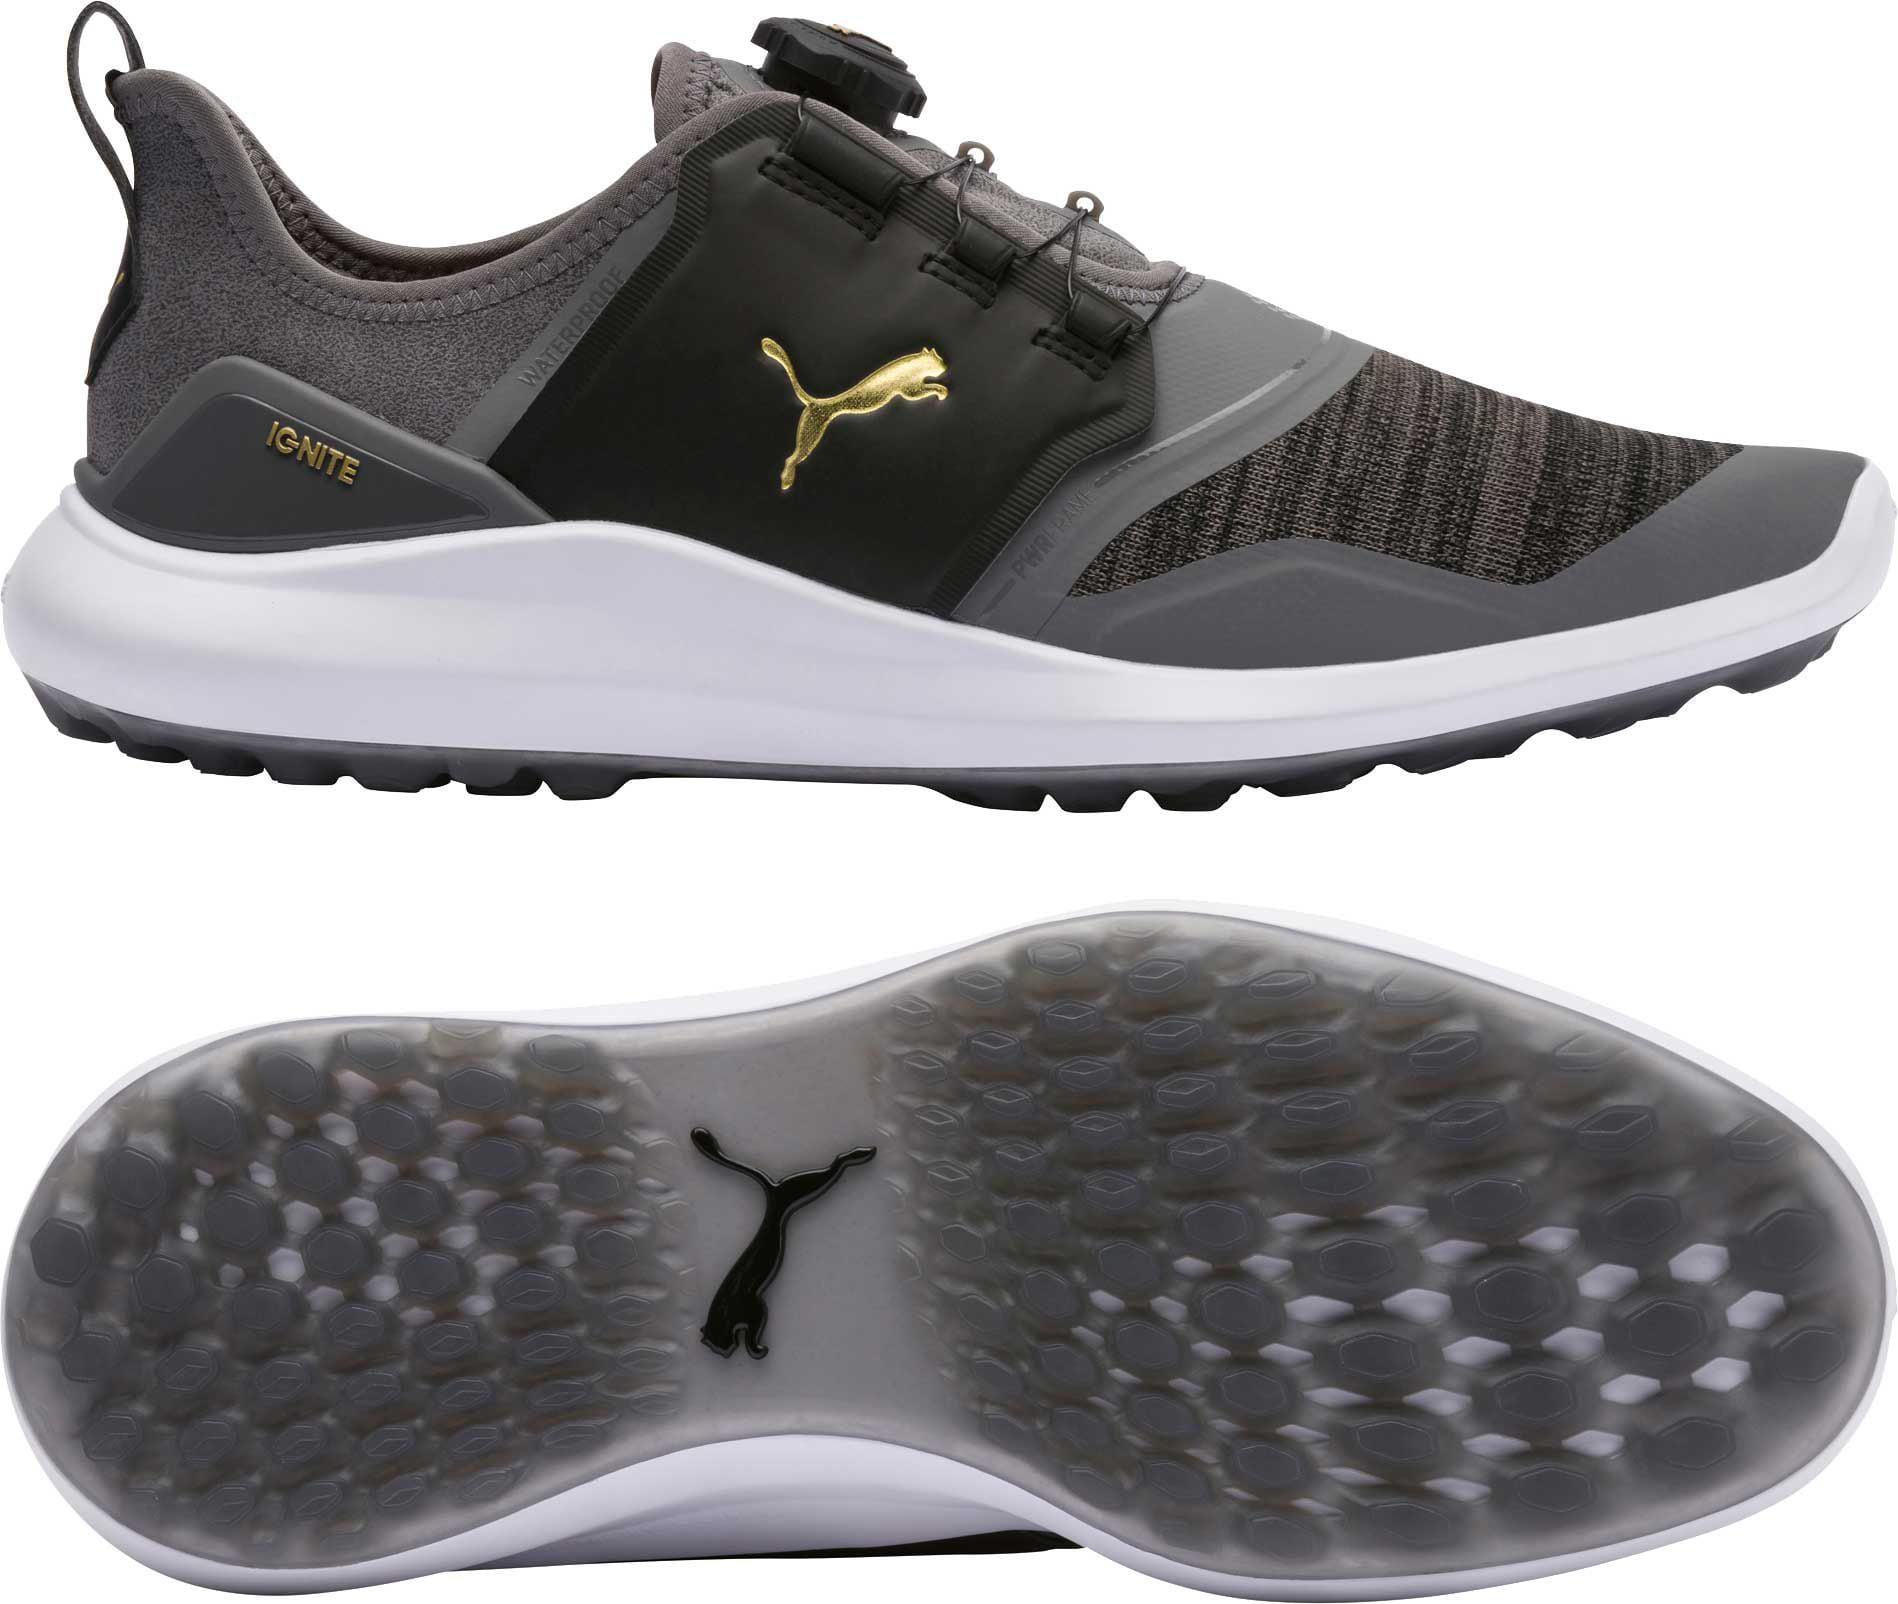 PUMA - PUMA Men's IGNITE NXT DISC Golf Shoes - Walmart.com ...